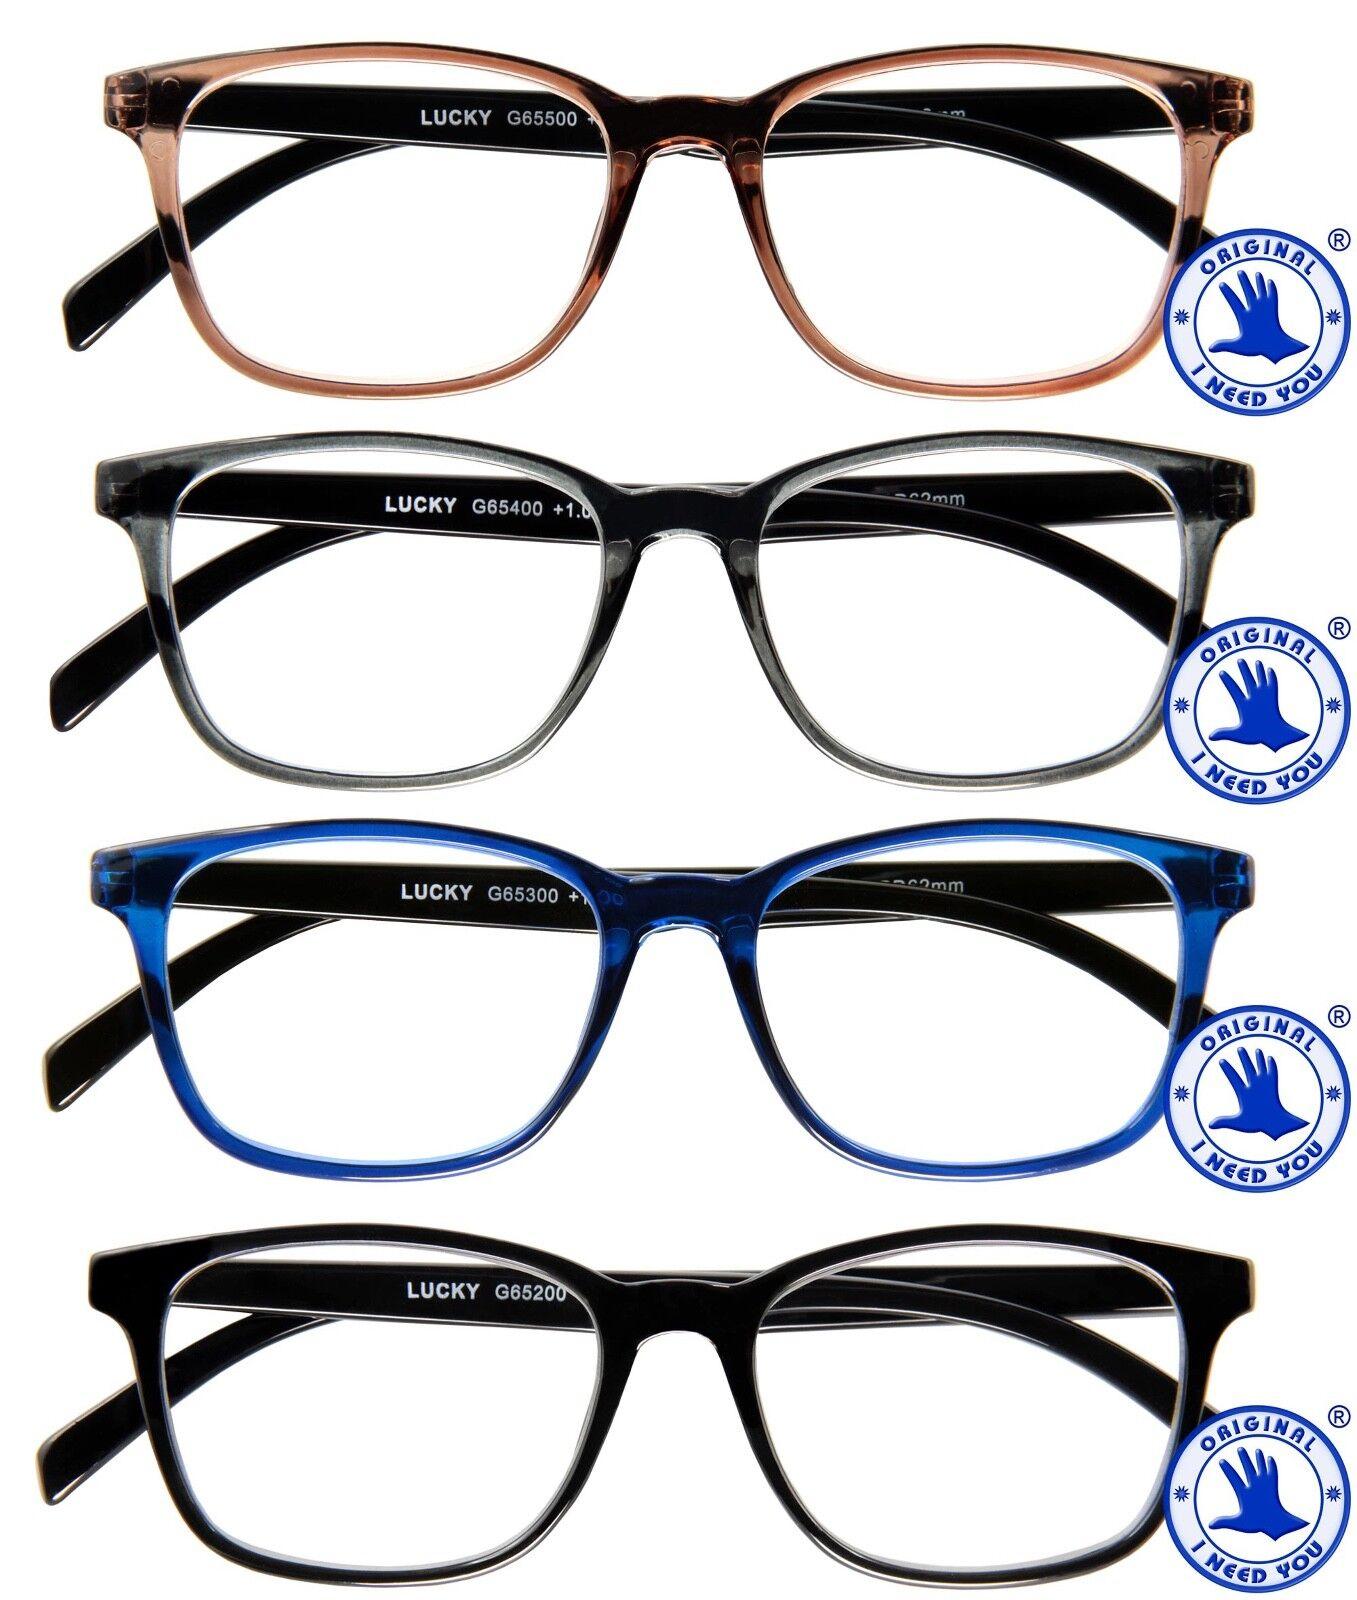 Damen Lesebrille Lucky Brille aus Kunststoff leichte Lesehilfe +1,0 bis +3,0